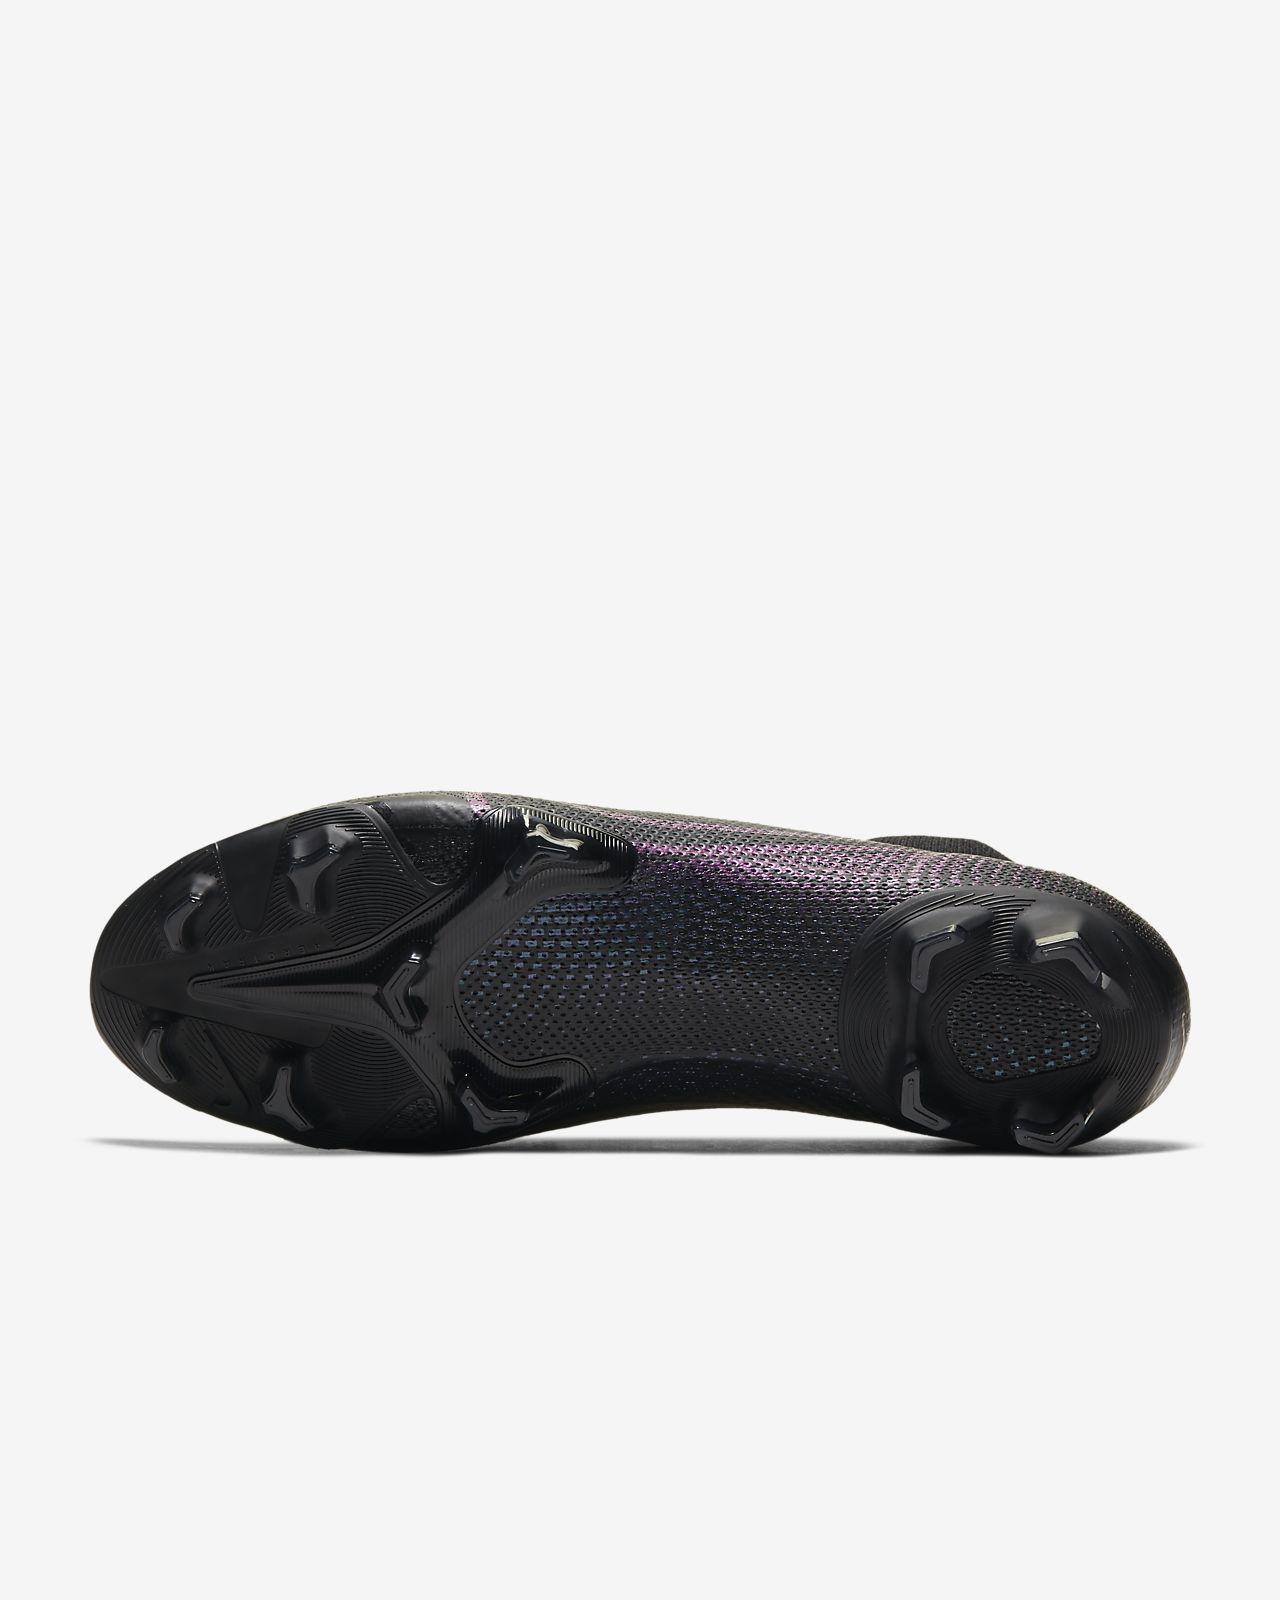 Nike Mercurial Superfly 7 Pro FG normál talajra készült stoplis futballcipő